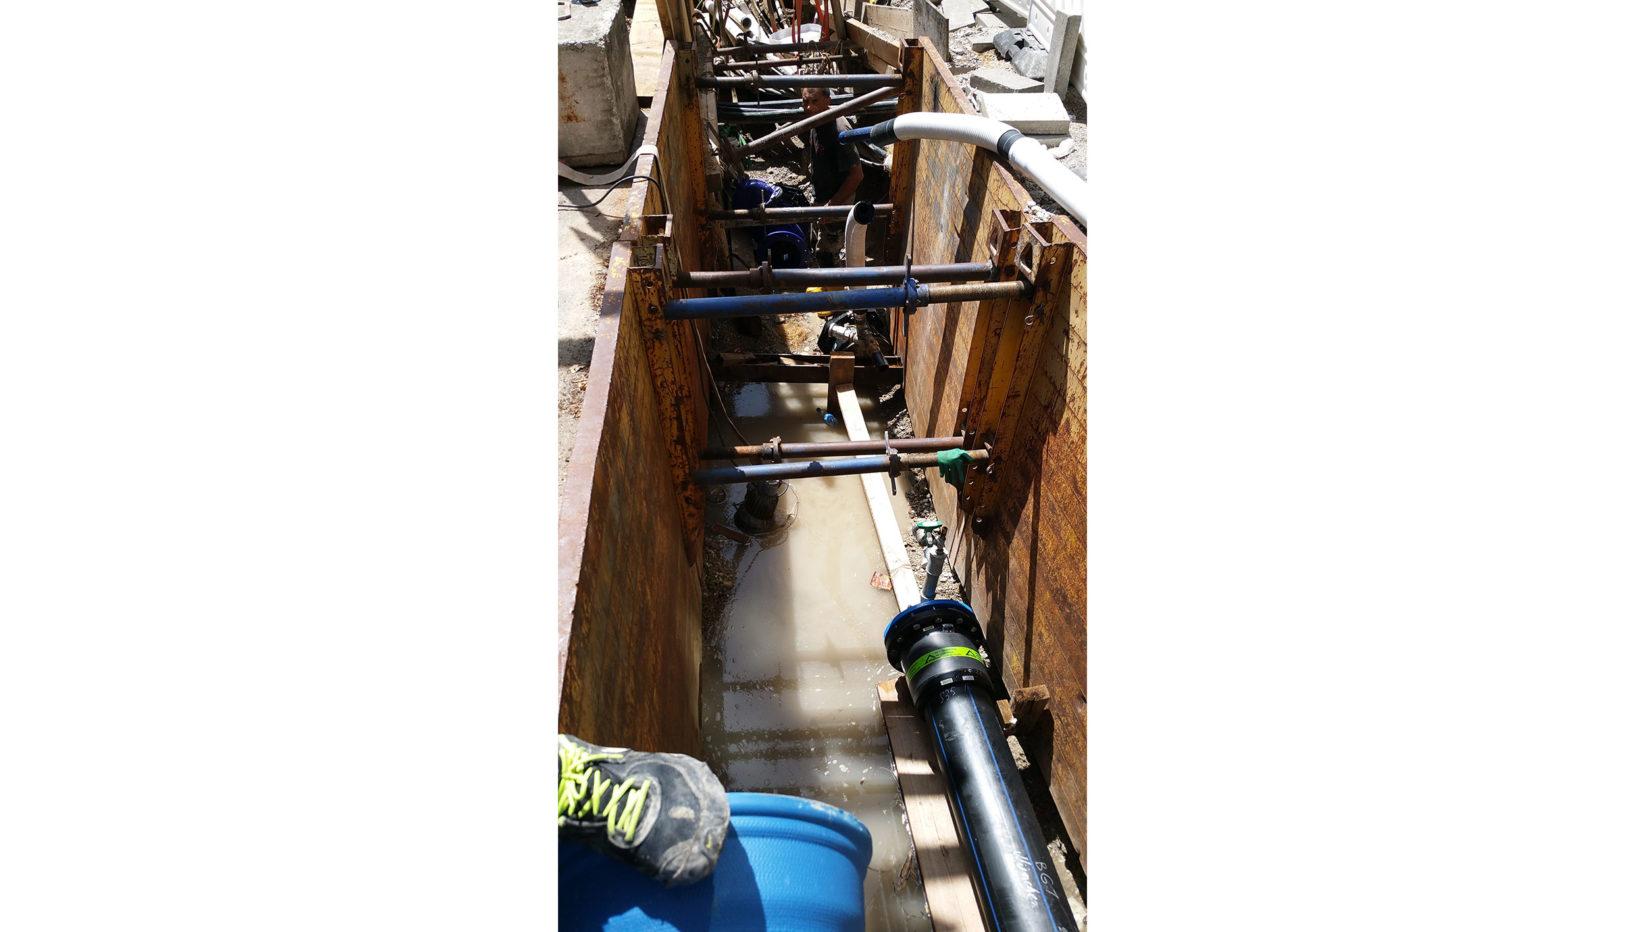 Die Aufnahme zeigt den Blick in eine der 20 Baugruben für die Wasserleitungen, die von Brunner + Co für dieses Großprojekt hergestellt wurden.